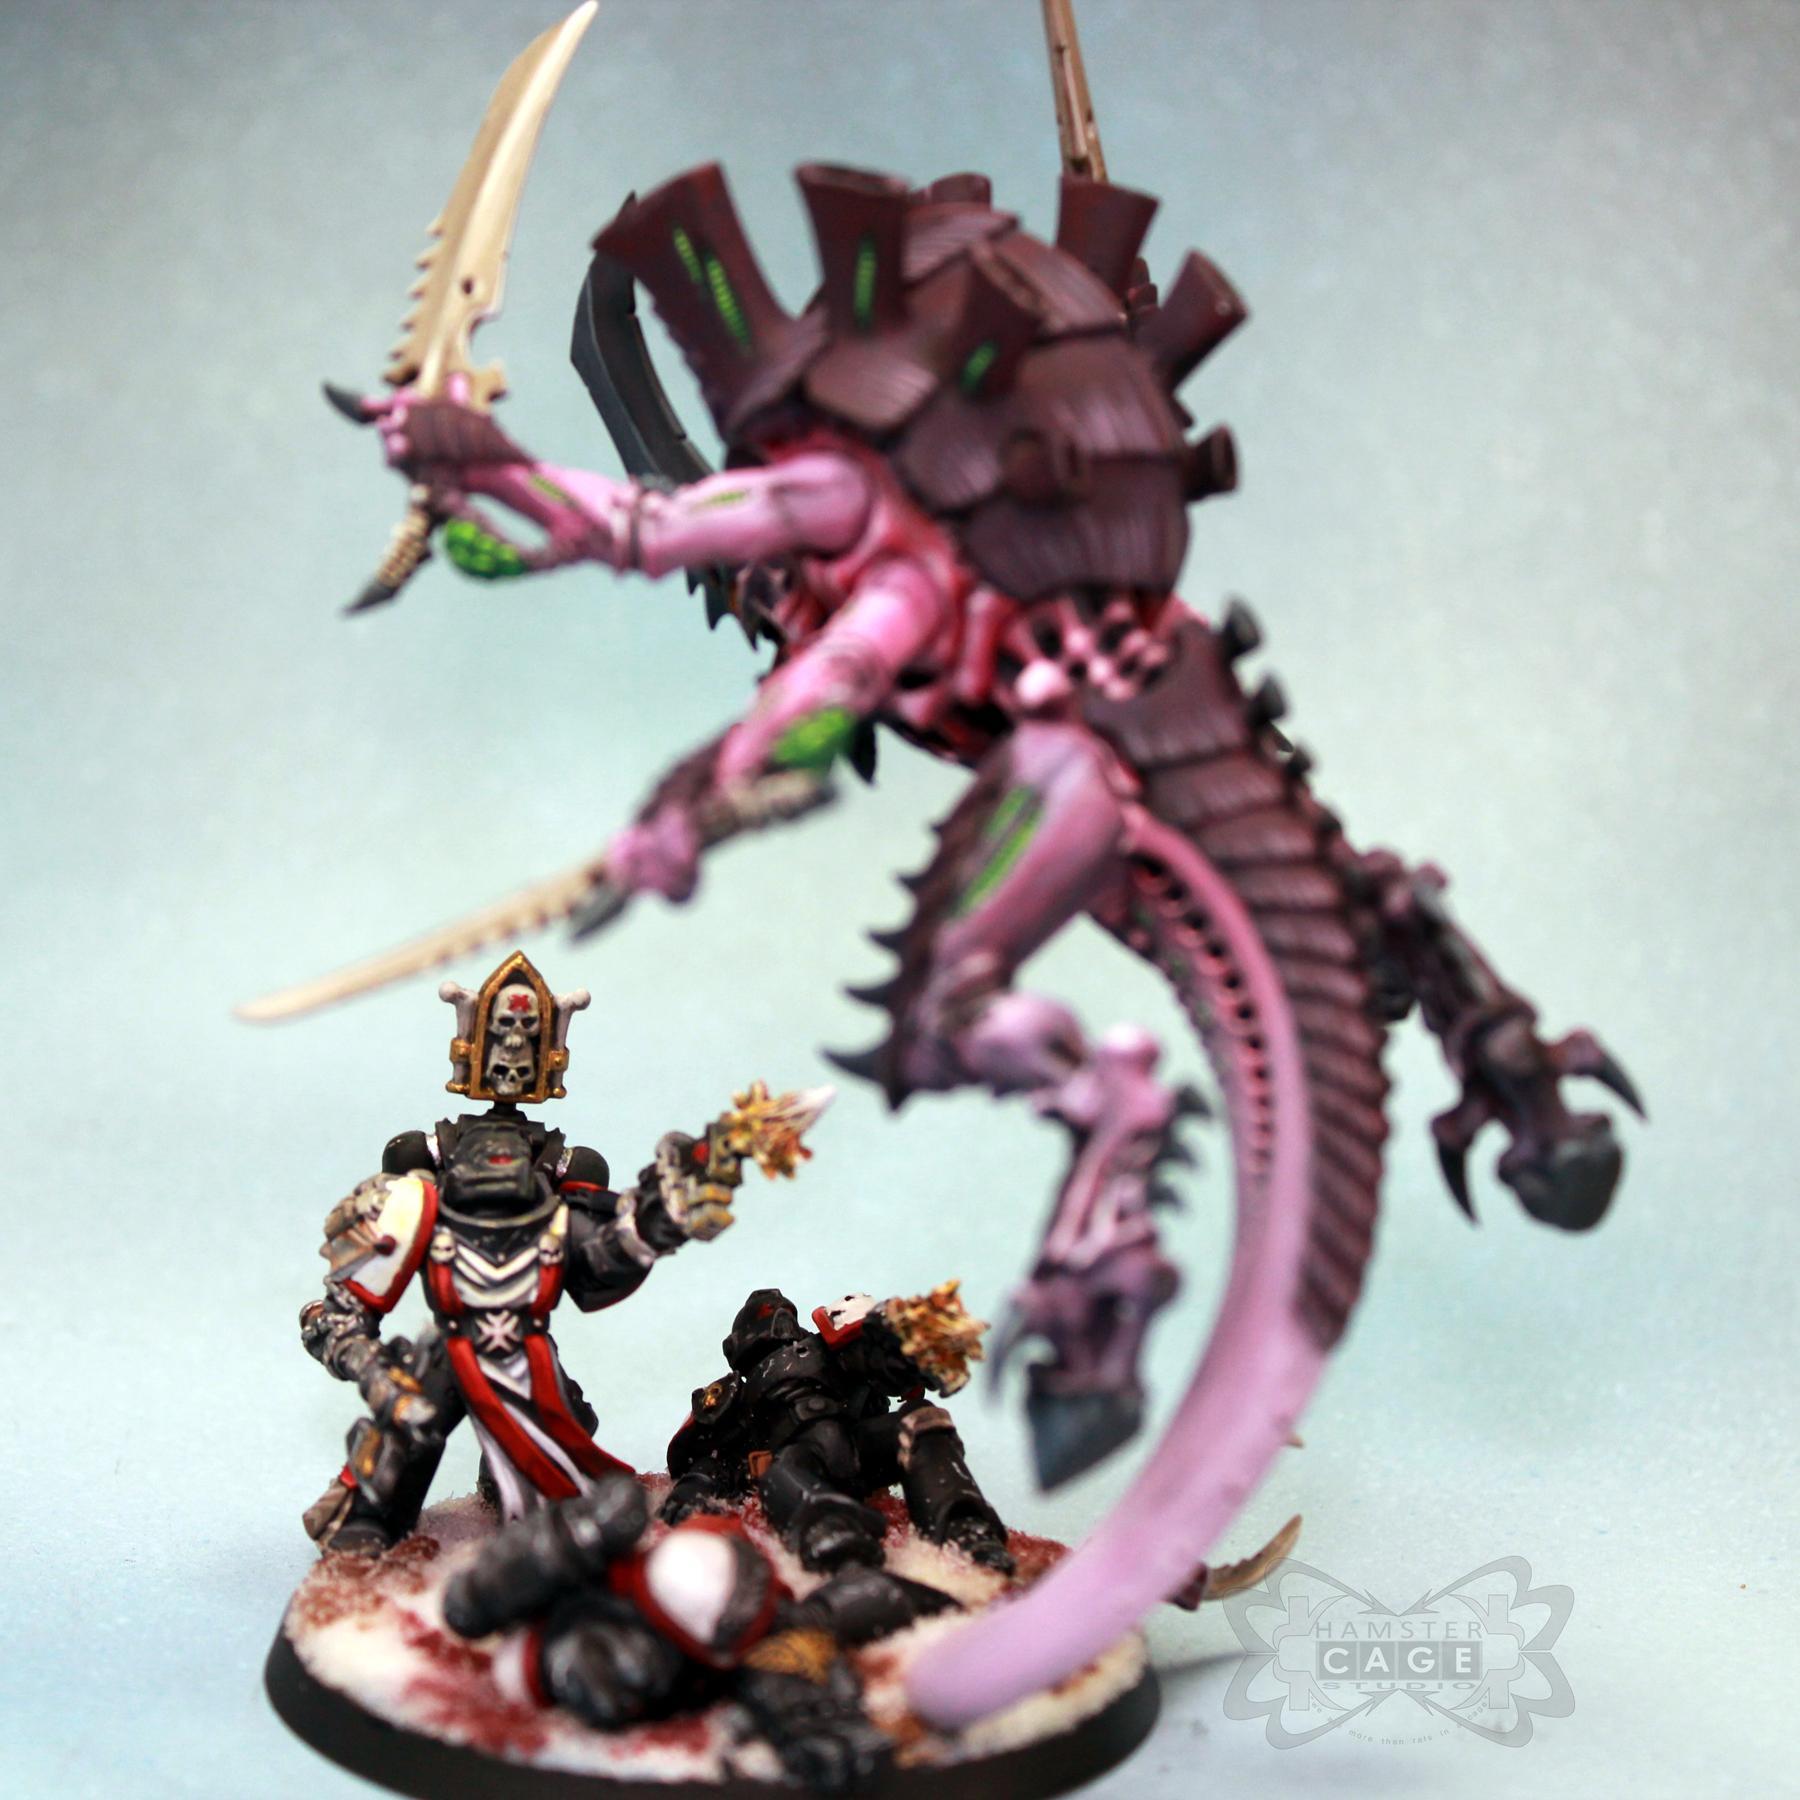 Black Templars, Tyranids